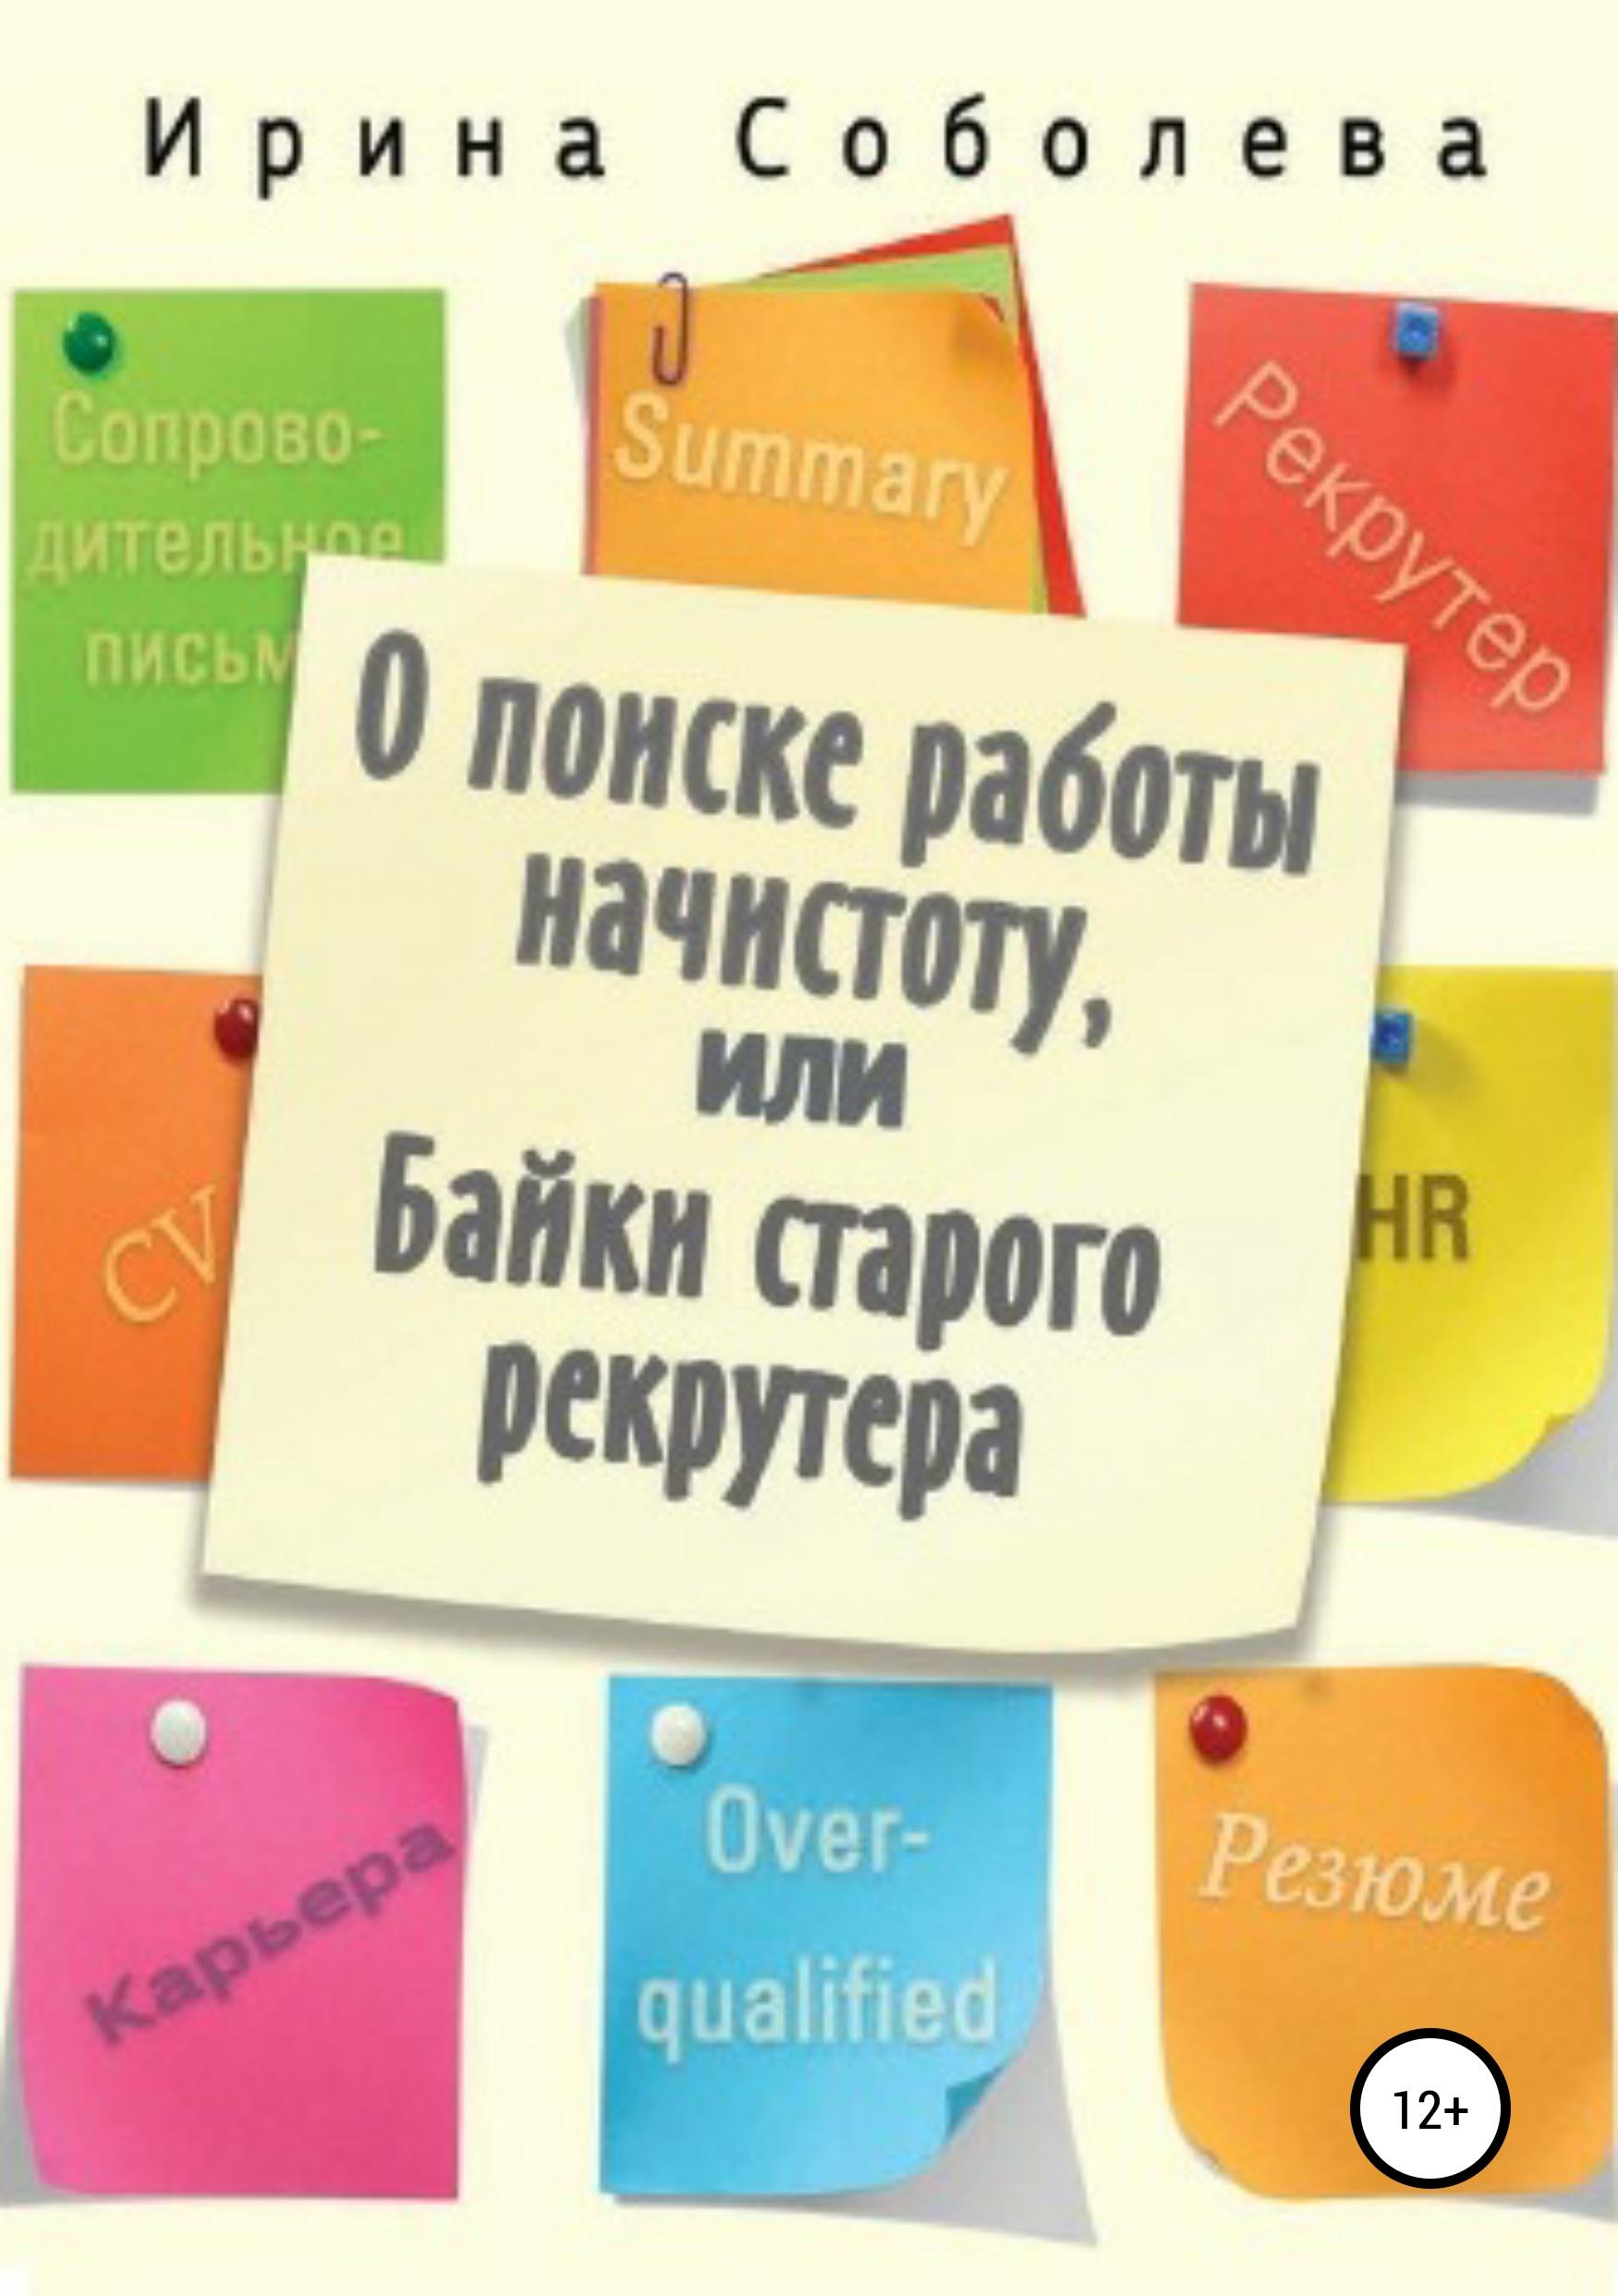 Обложка книги О поиске работы начистоту, или Байки старого рекрутера